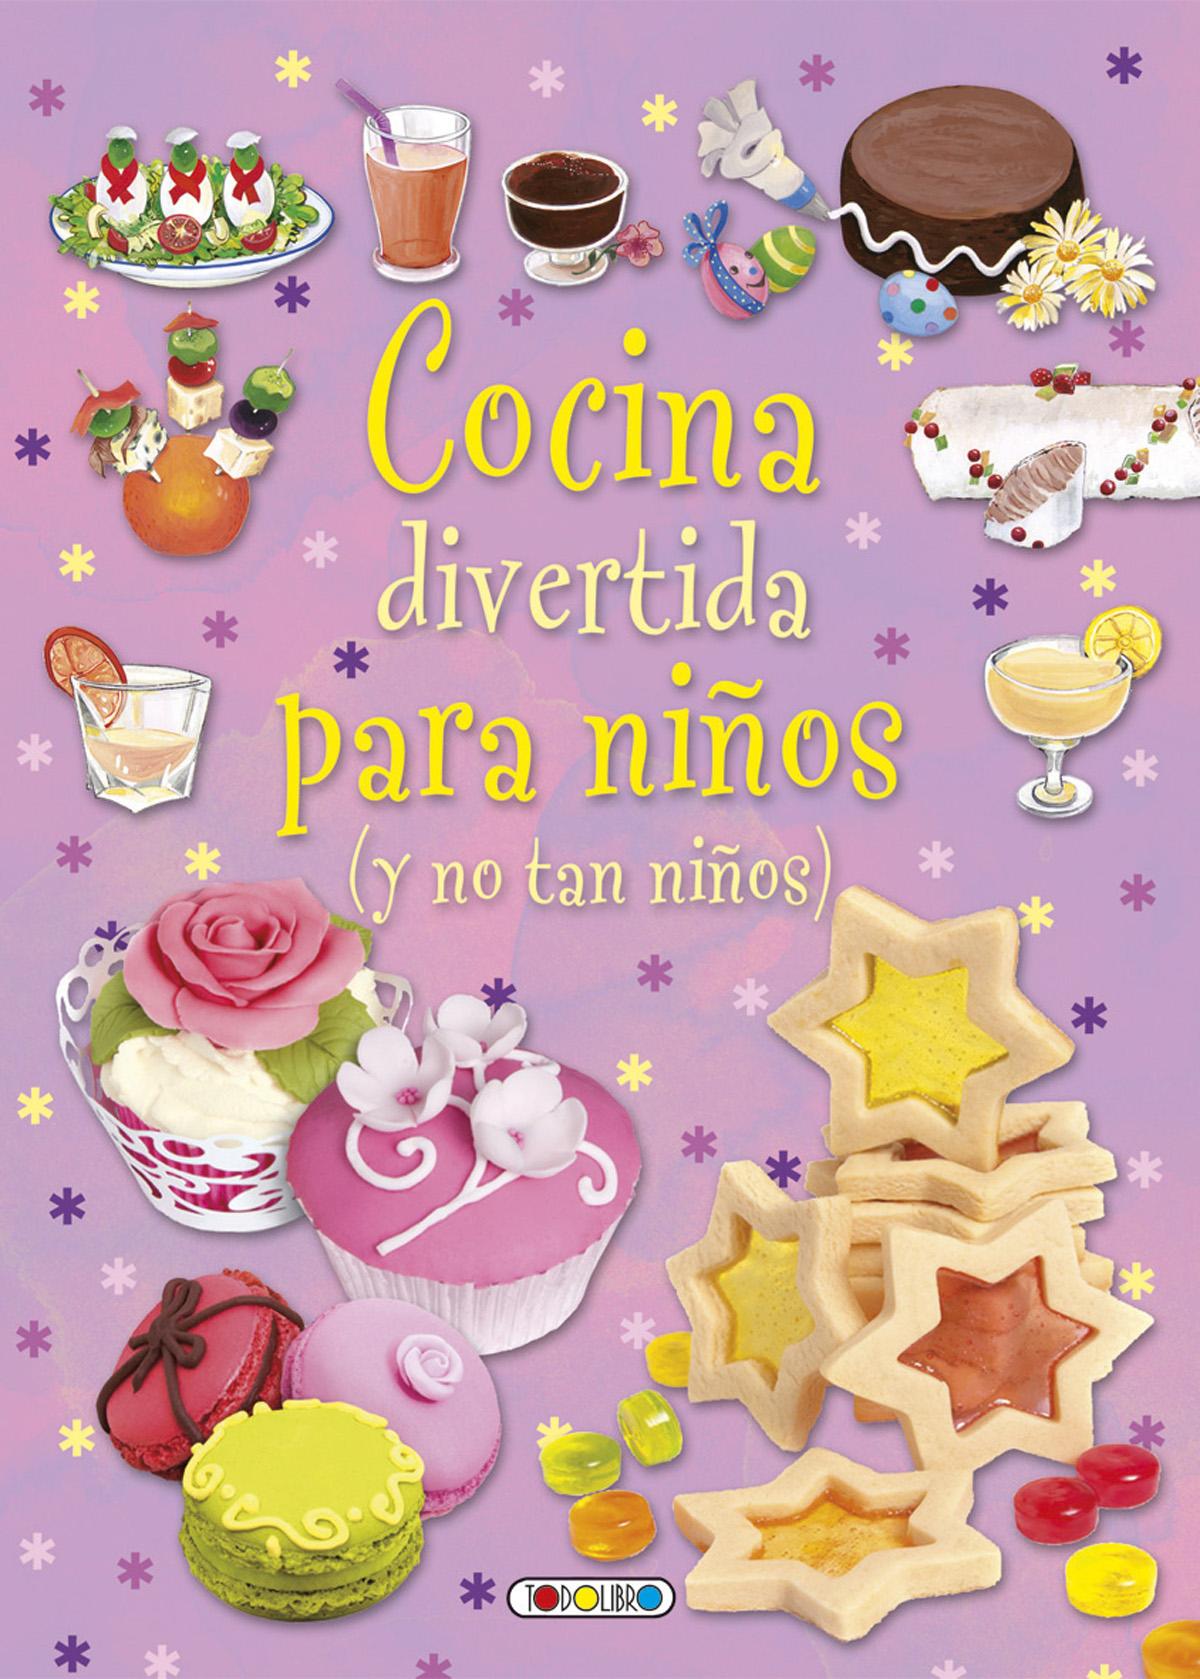 Libro recetas cocina todolibro castellano todo libro for Cocina facil para ninos